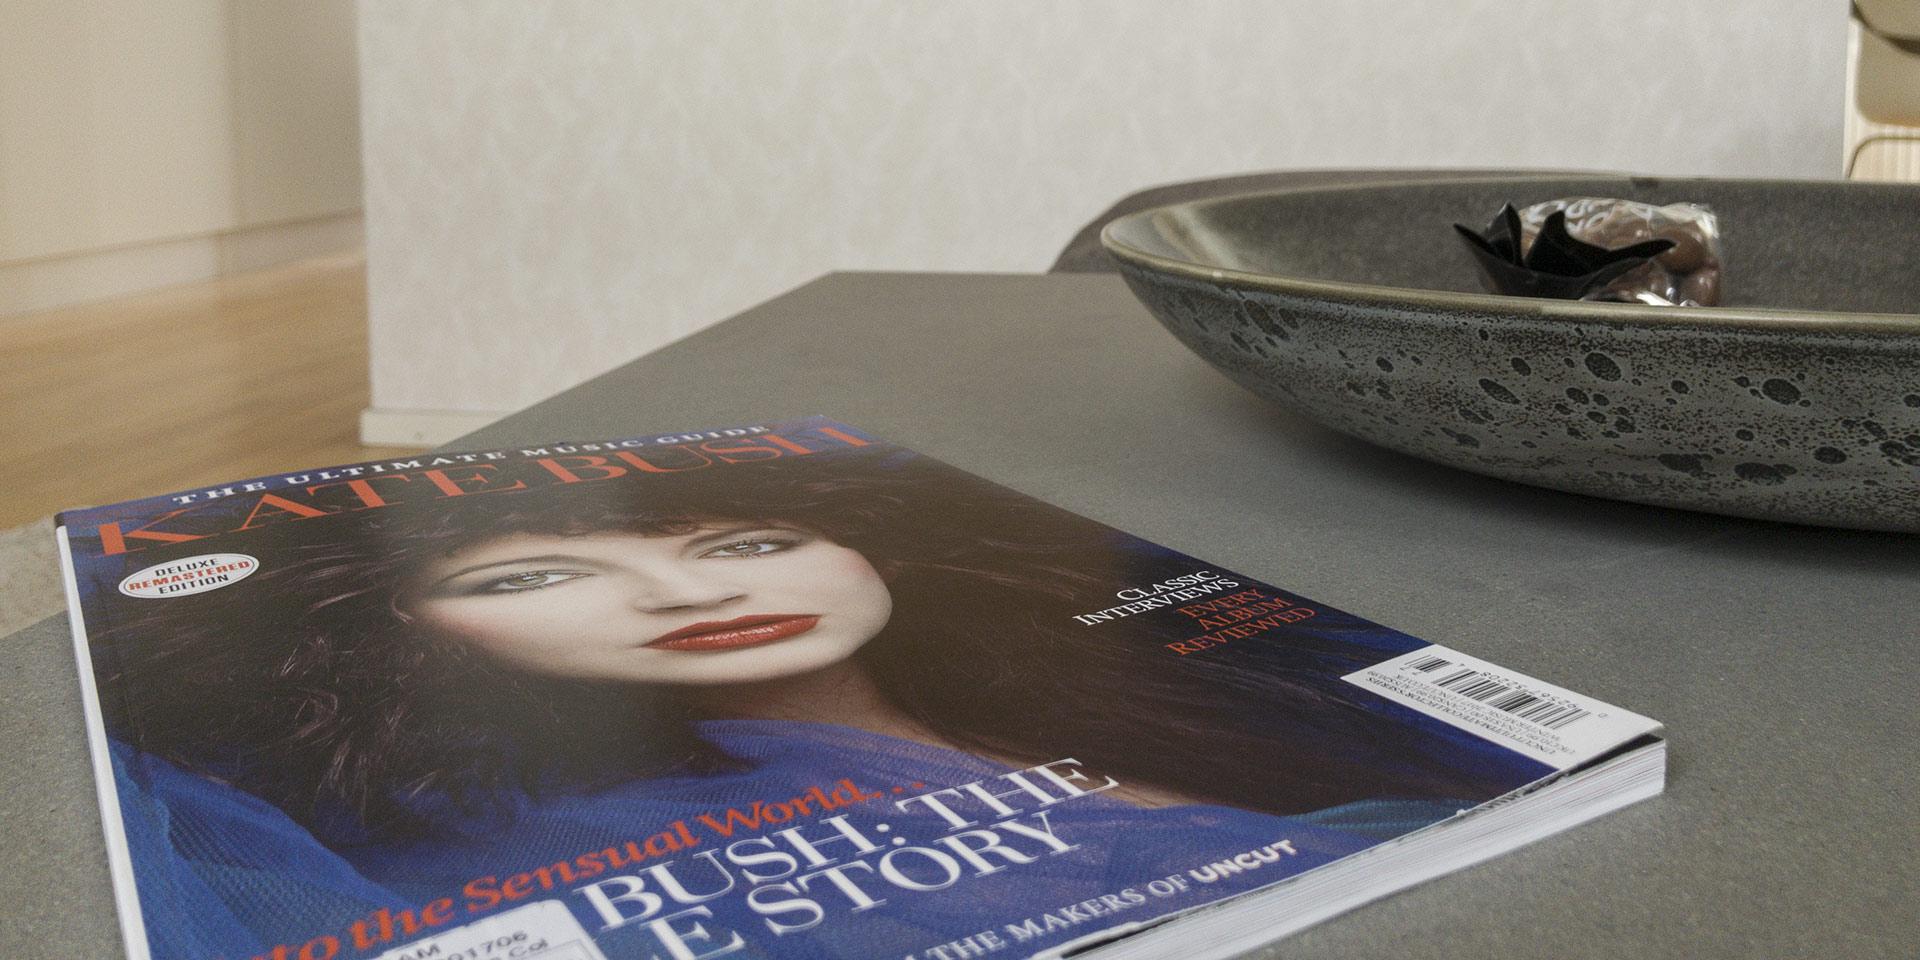 En tidning om Kate |©Janne A